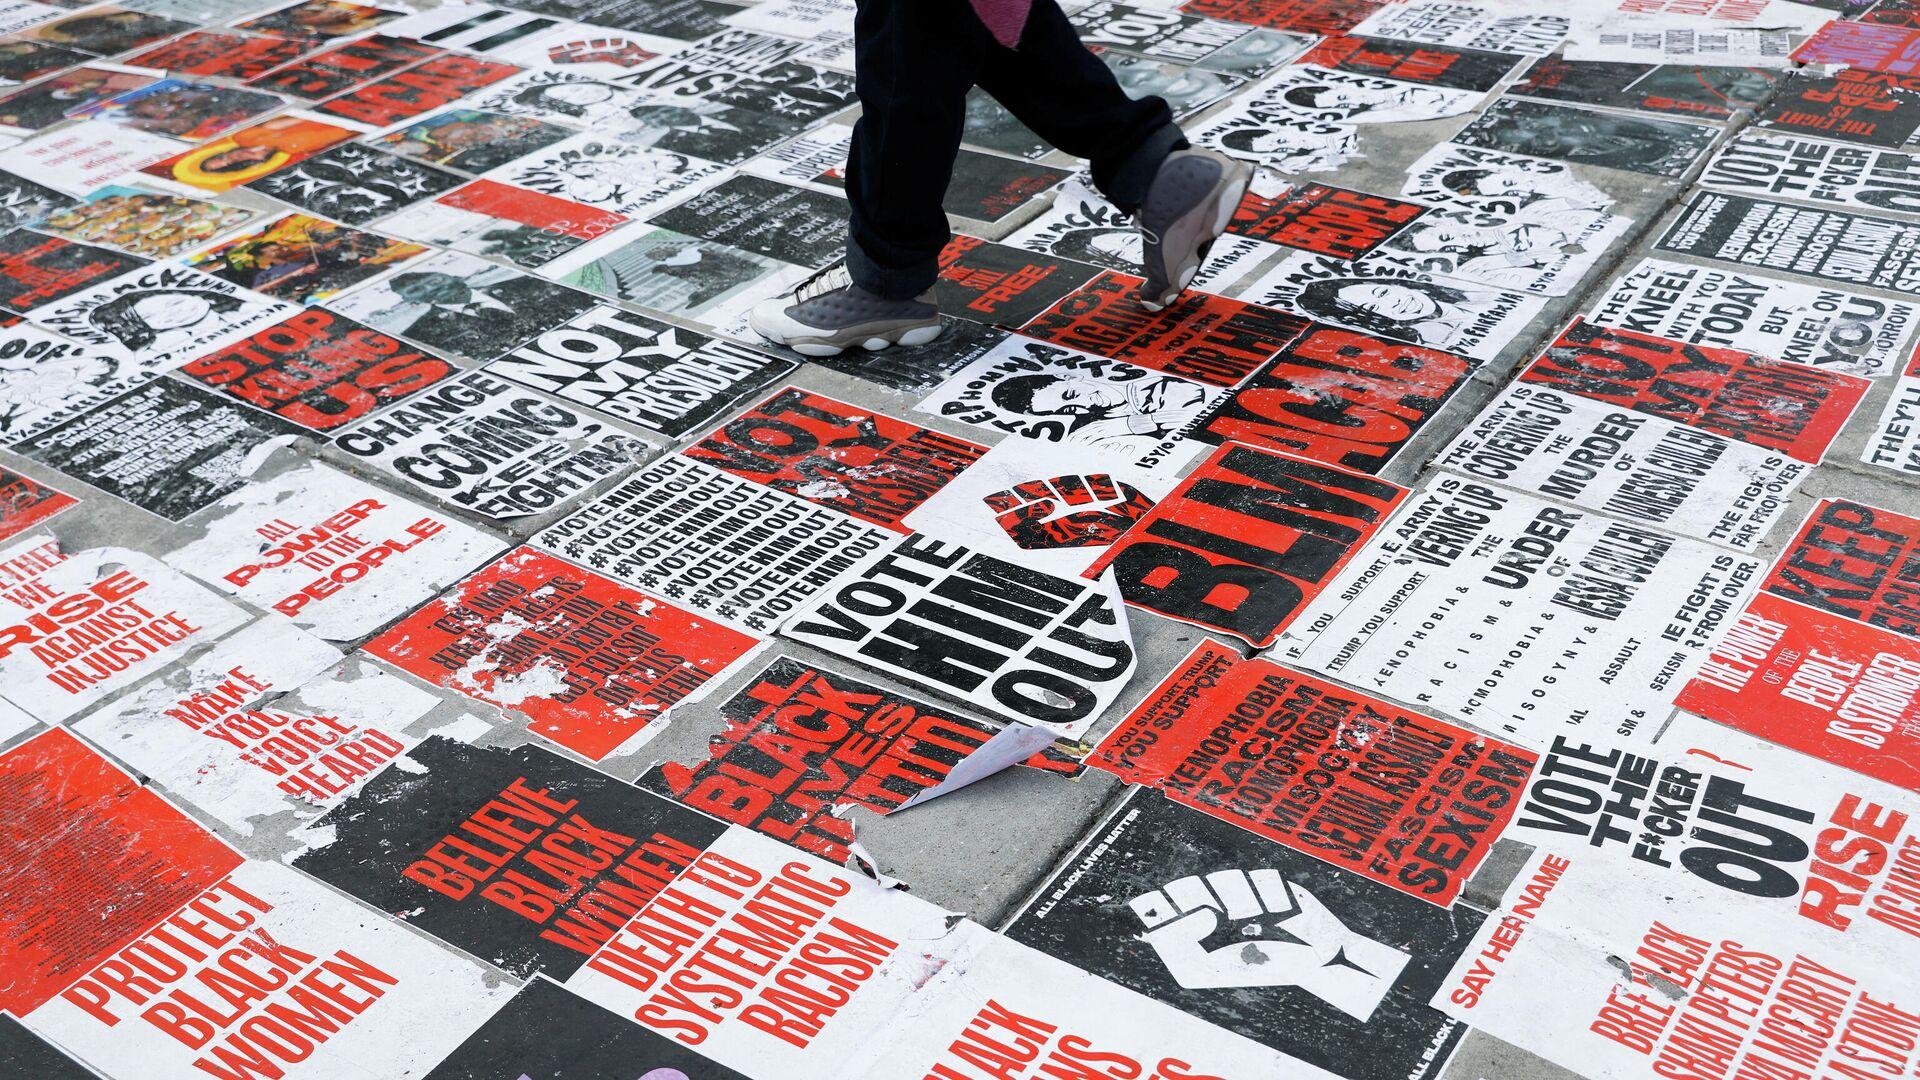 Black Lives Matter Plaza в Вашингтоне - РИА Новости, 1920, 07.09.2020